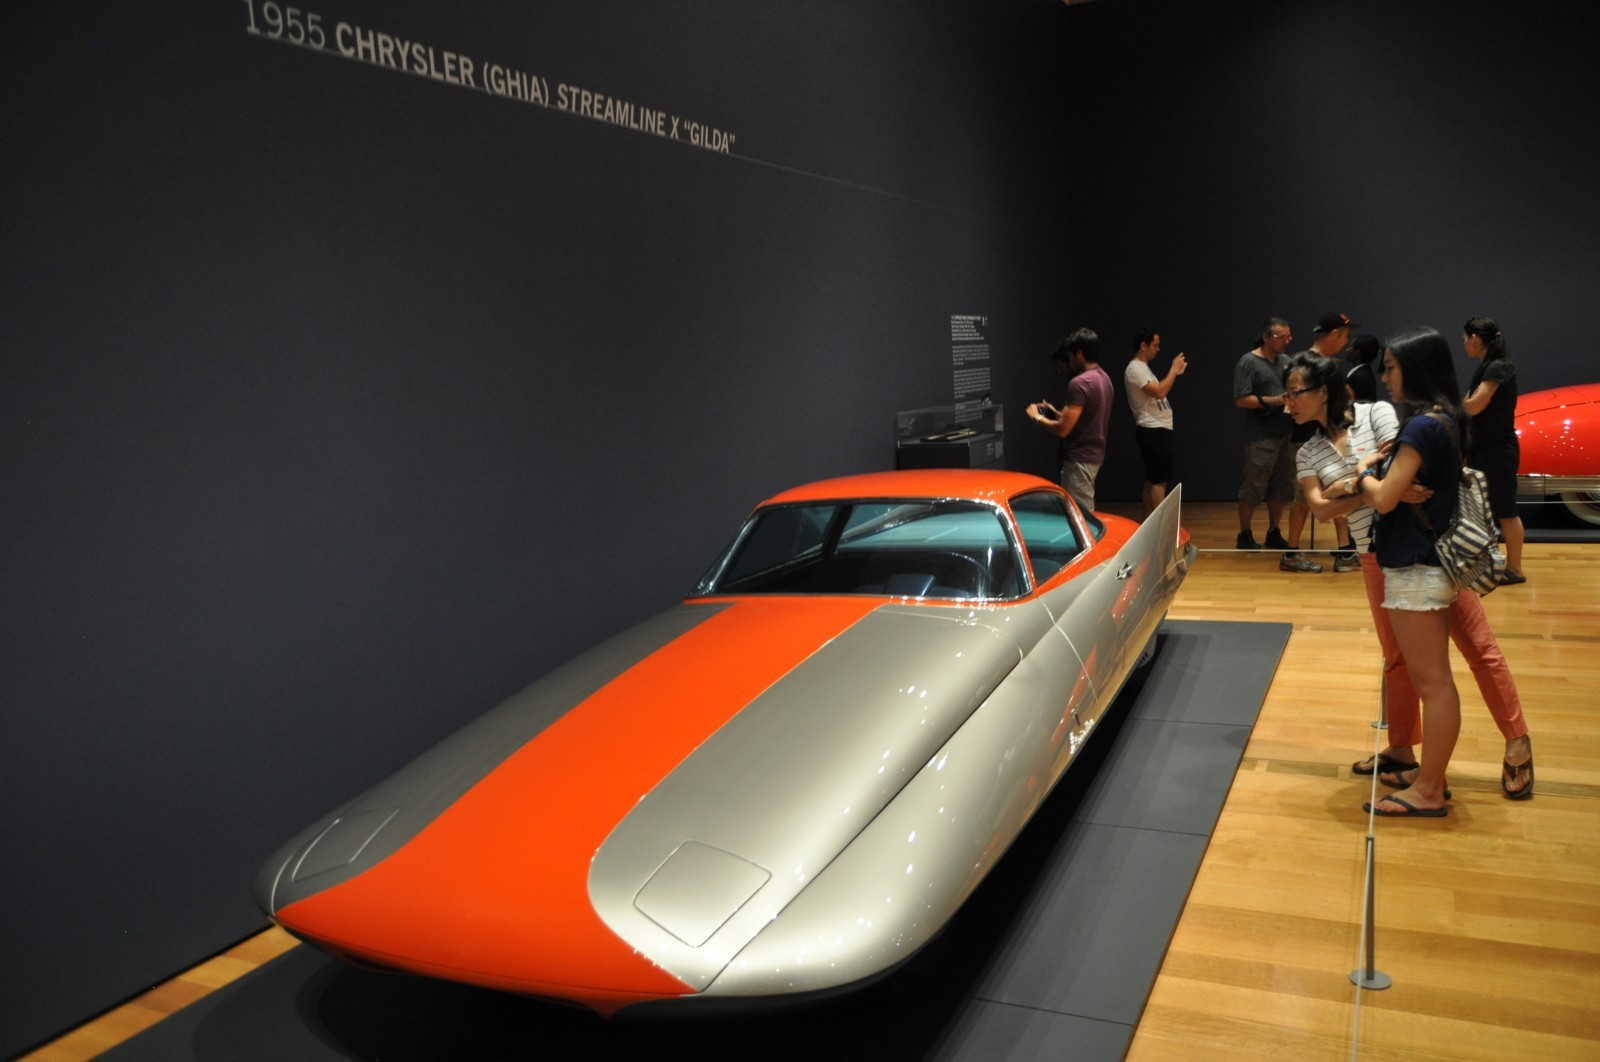 Atlanta Dream Cars - 1955 Chrysler Streamline X Ghilda by GHIA is Turbine Car Ideal 19